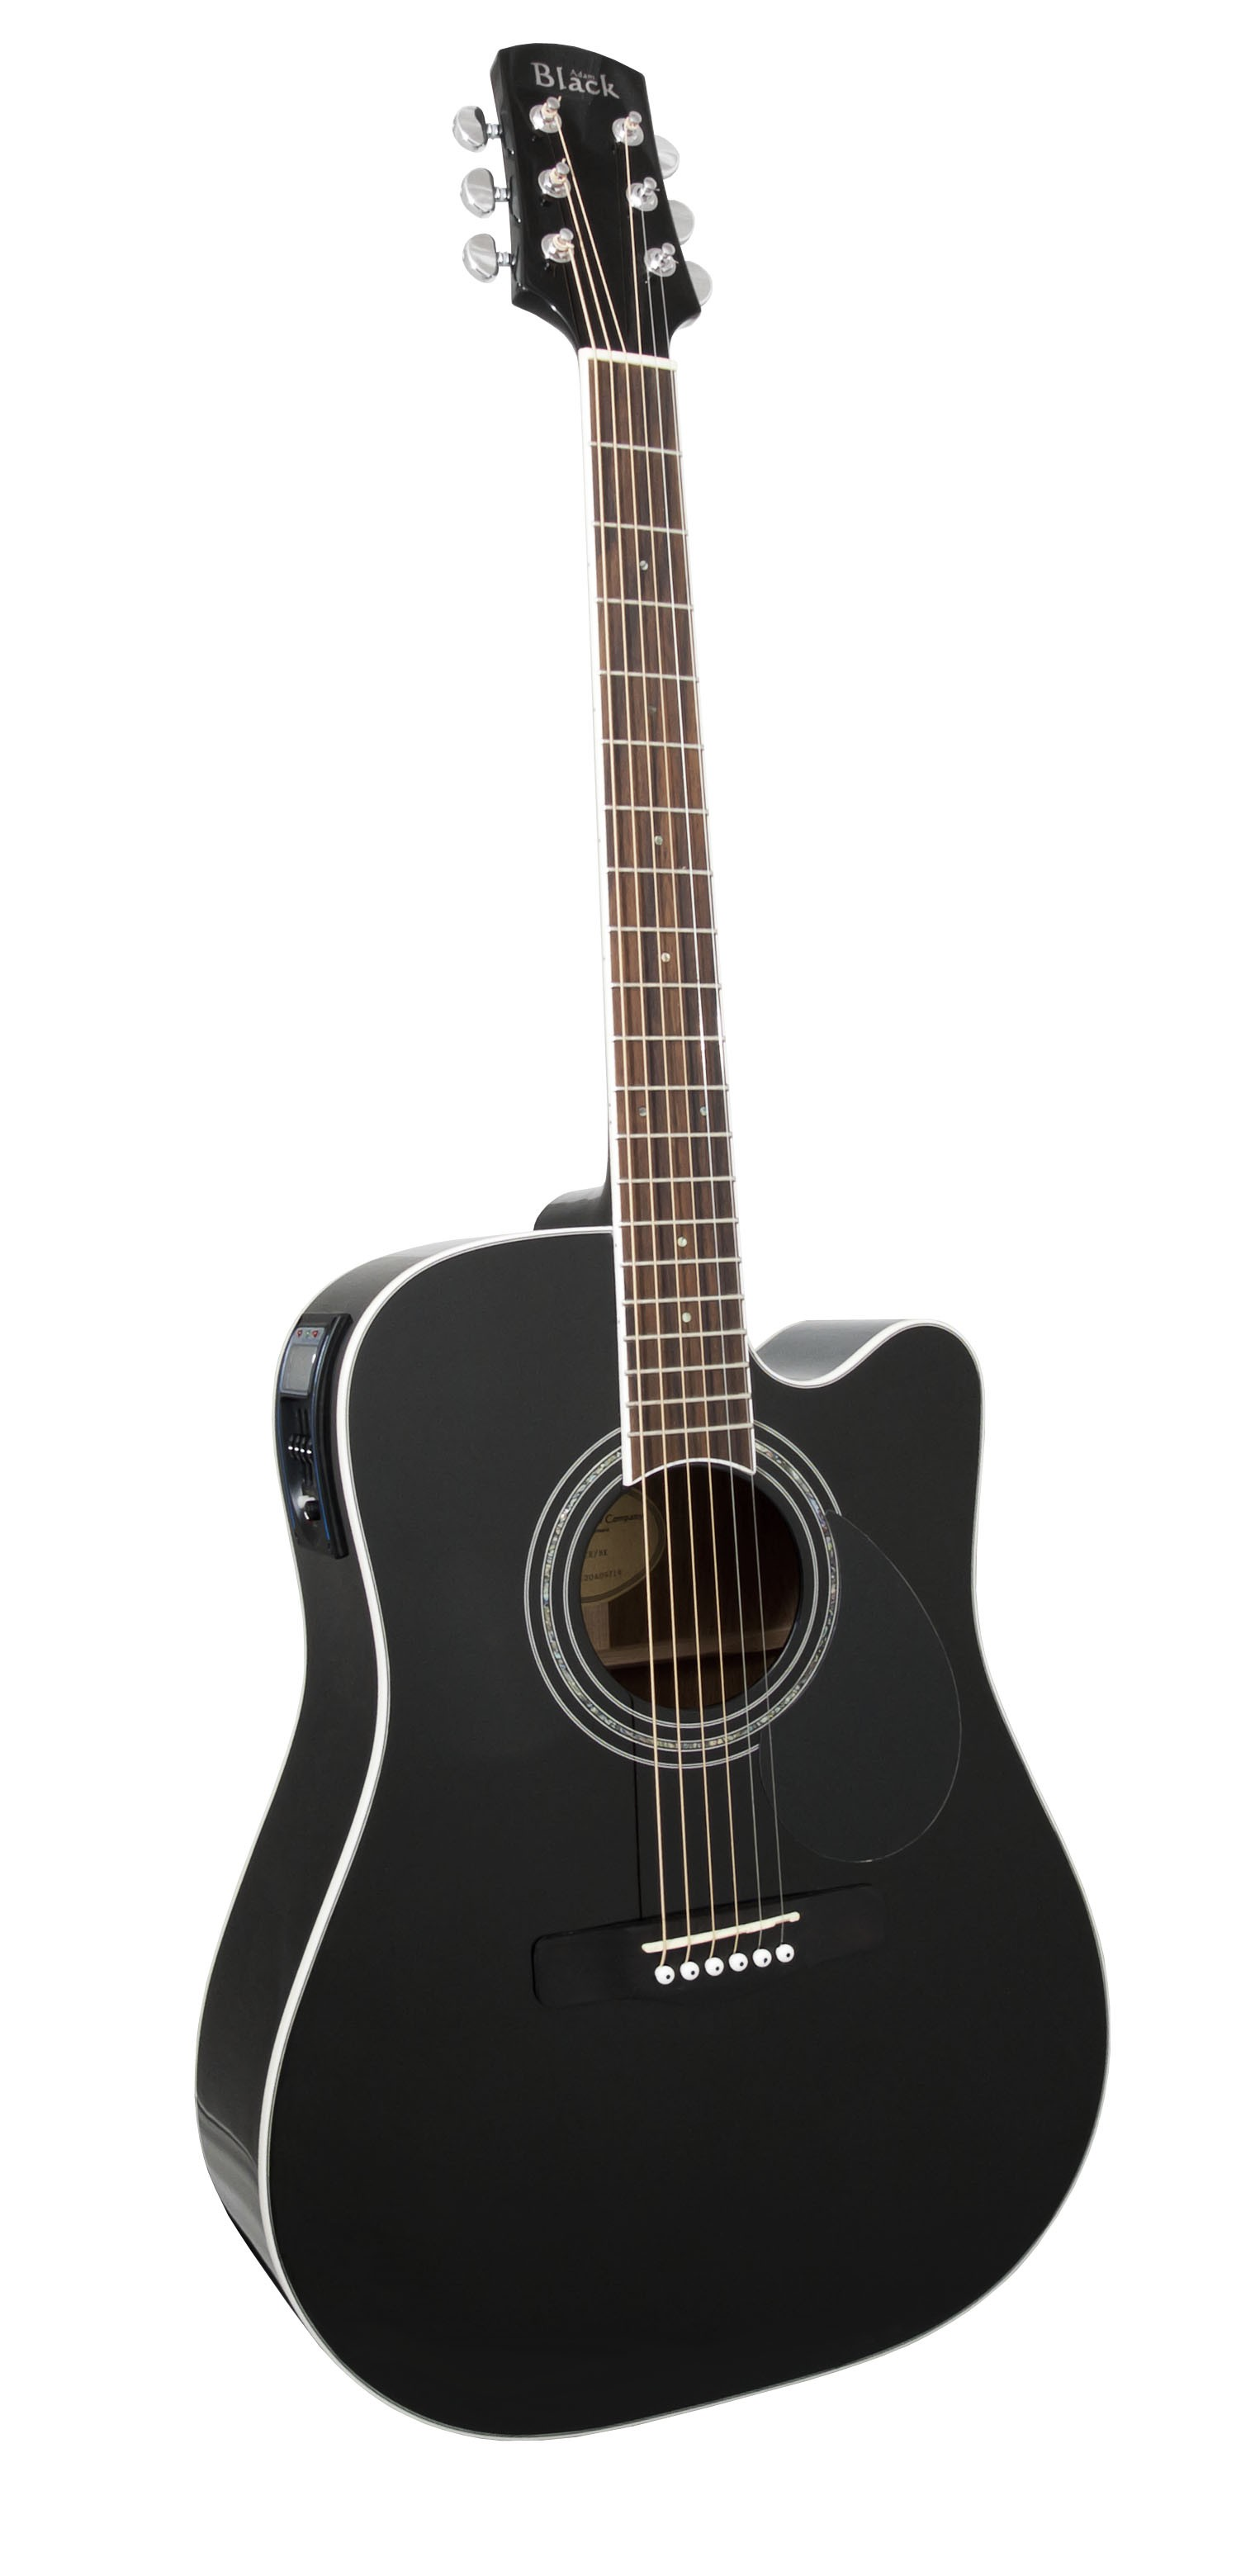 Adam Black S-5 CE - Black